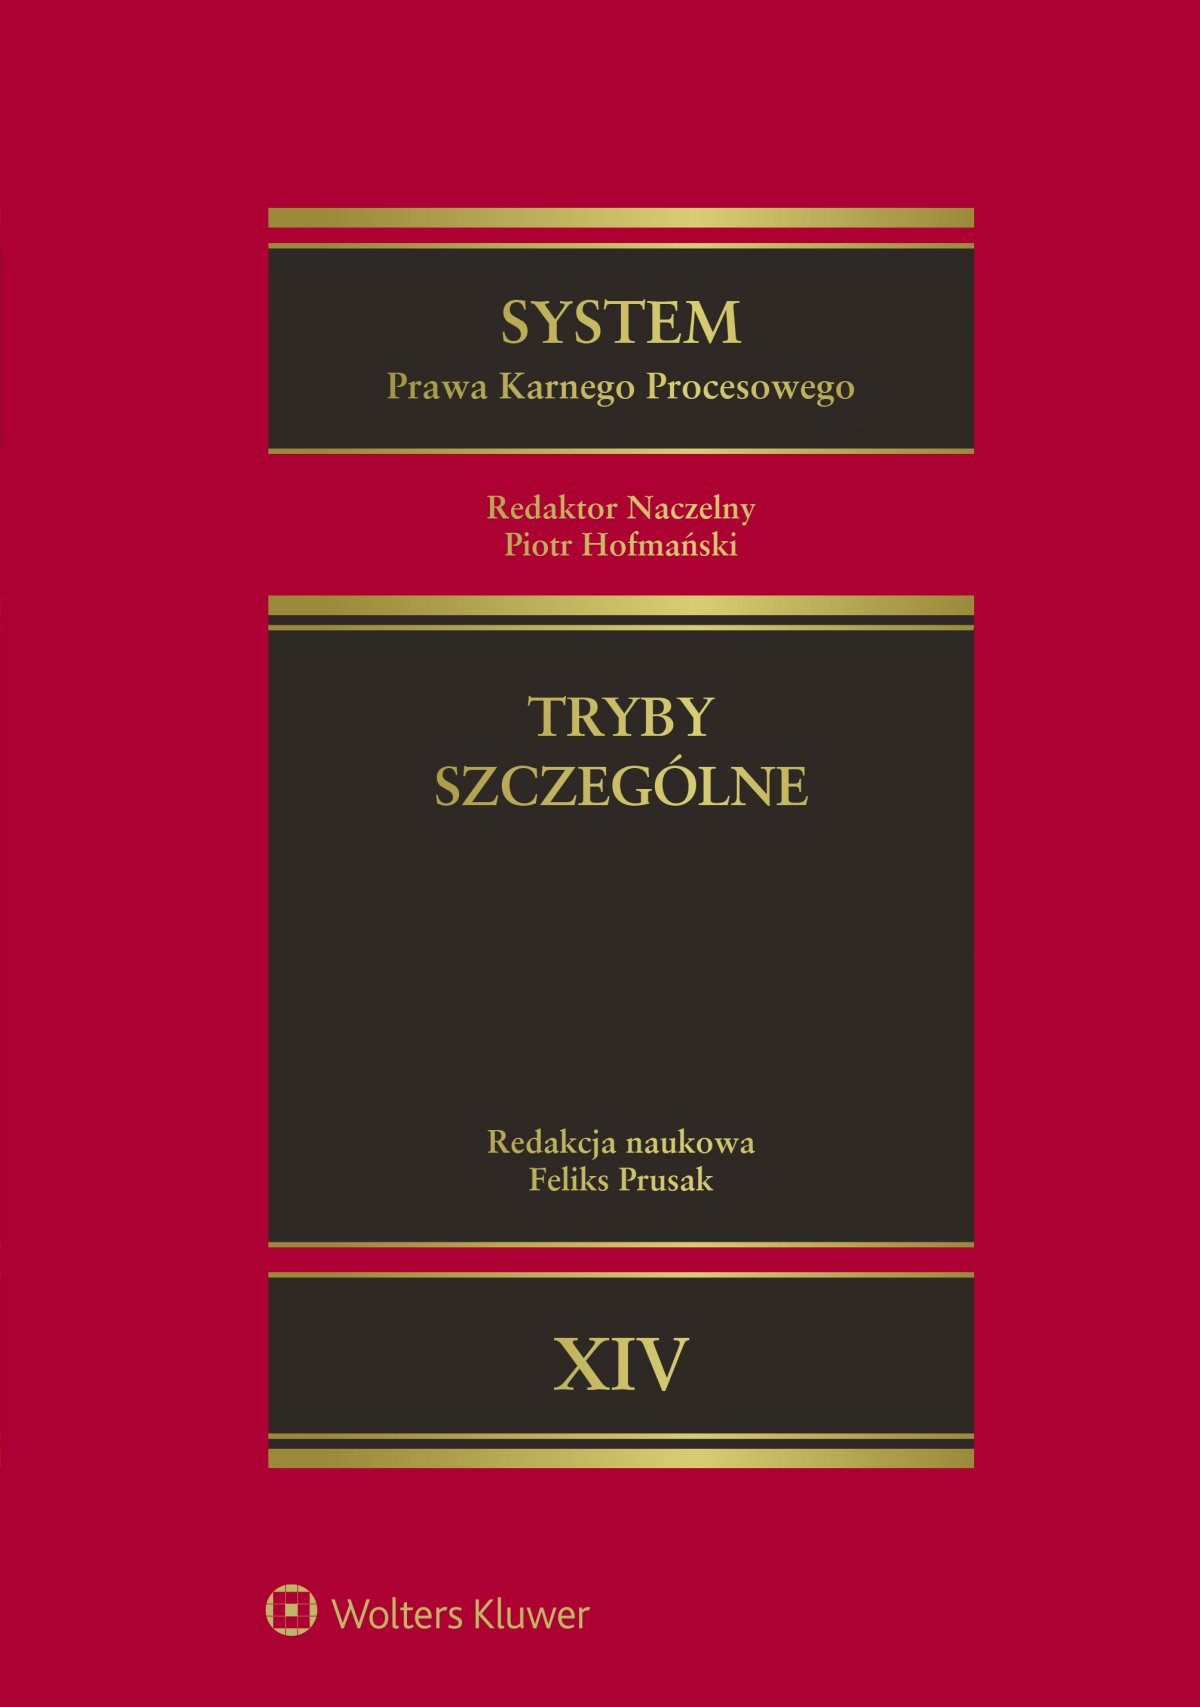 System Prawa Karnego Procesowego. Tom XIV. Tryby szczególne. Wydanie 1 - Ebook (Książka EPUB) do pobrania w formacie EPUB